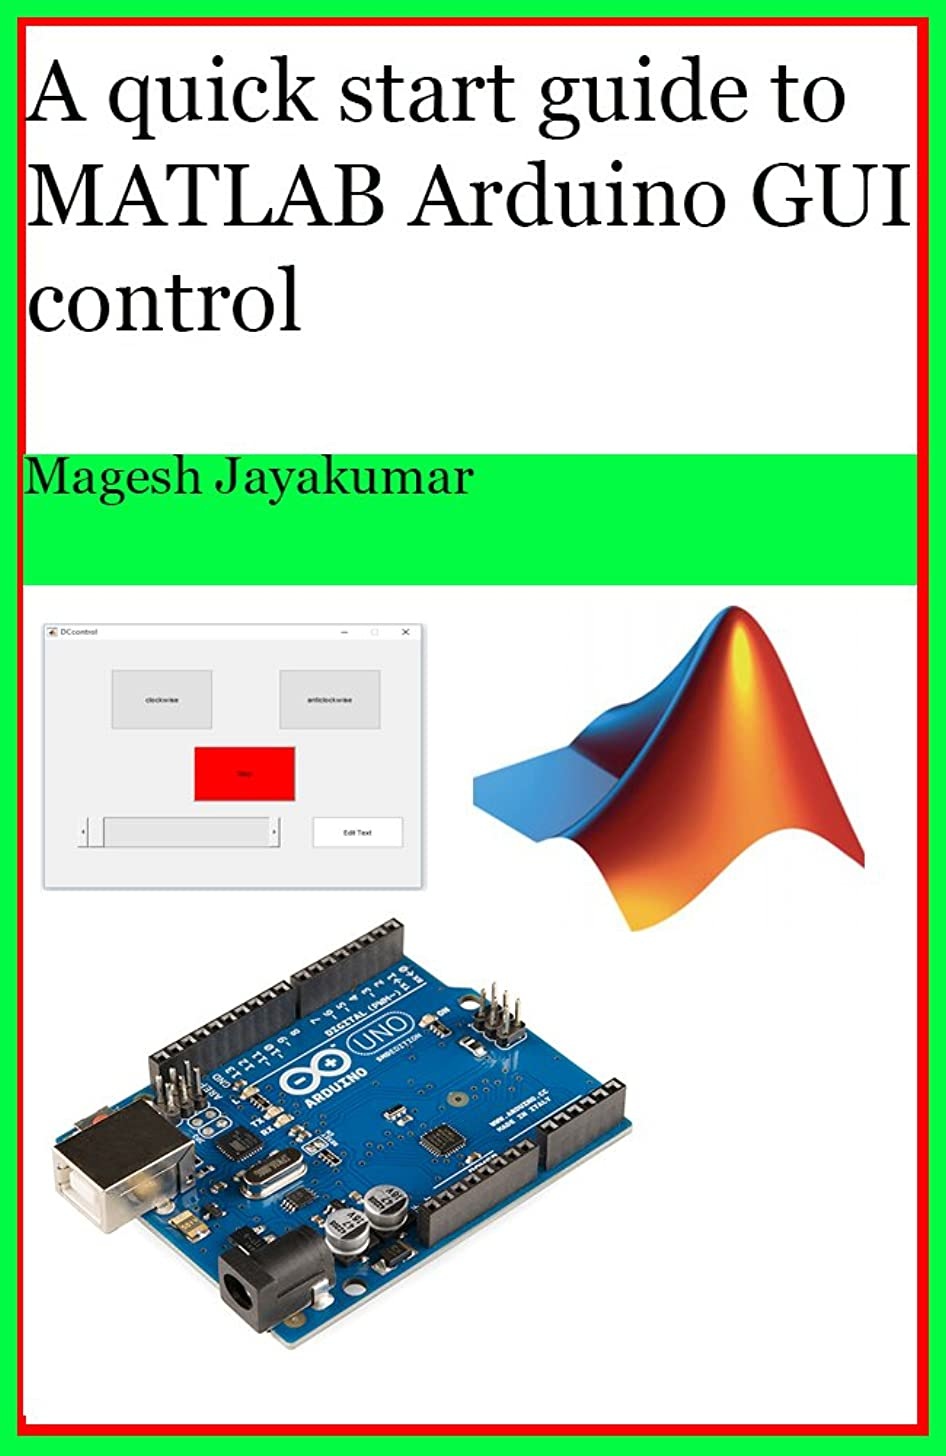 背骨代理人アクセスできないA quick start guide to MATLAB GUI for controlling Arduino: Create Graphical user Interface and command Arduino in few hours. (English Edition)